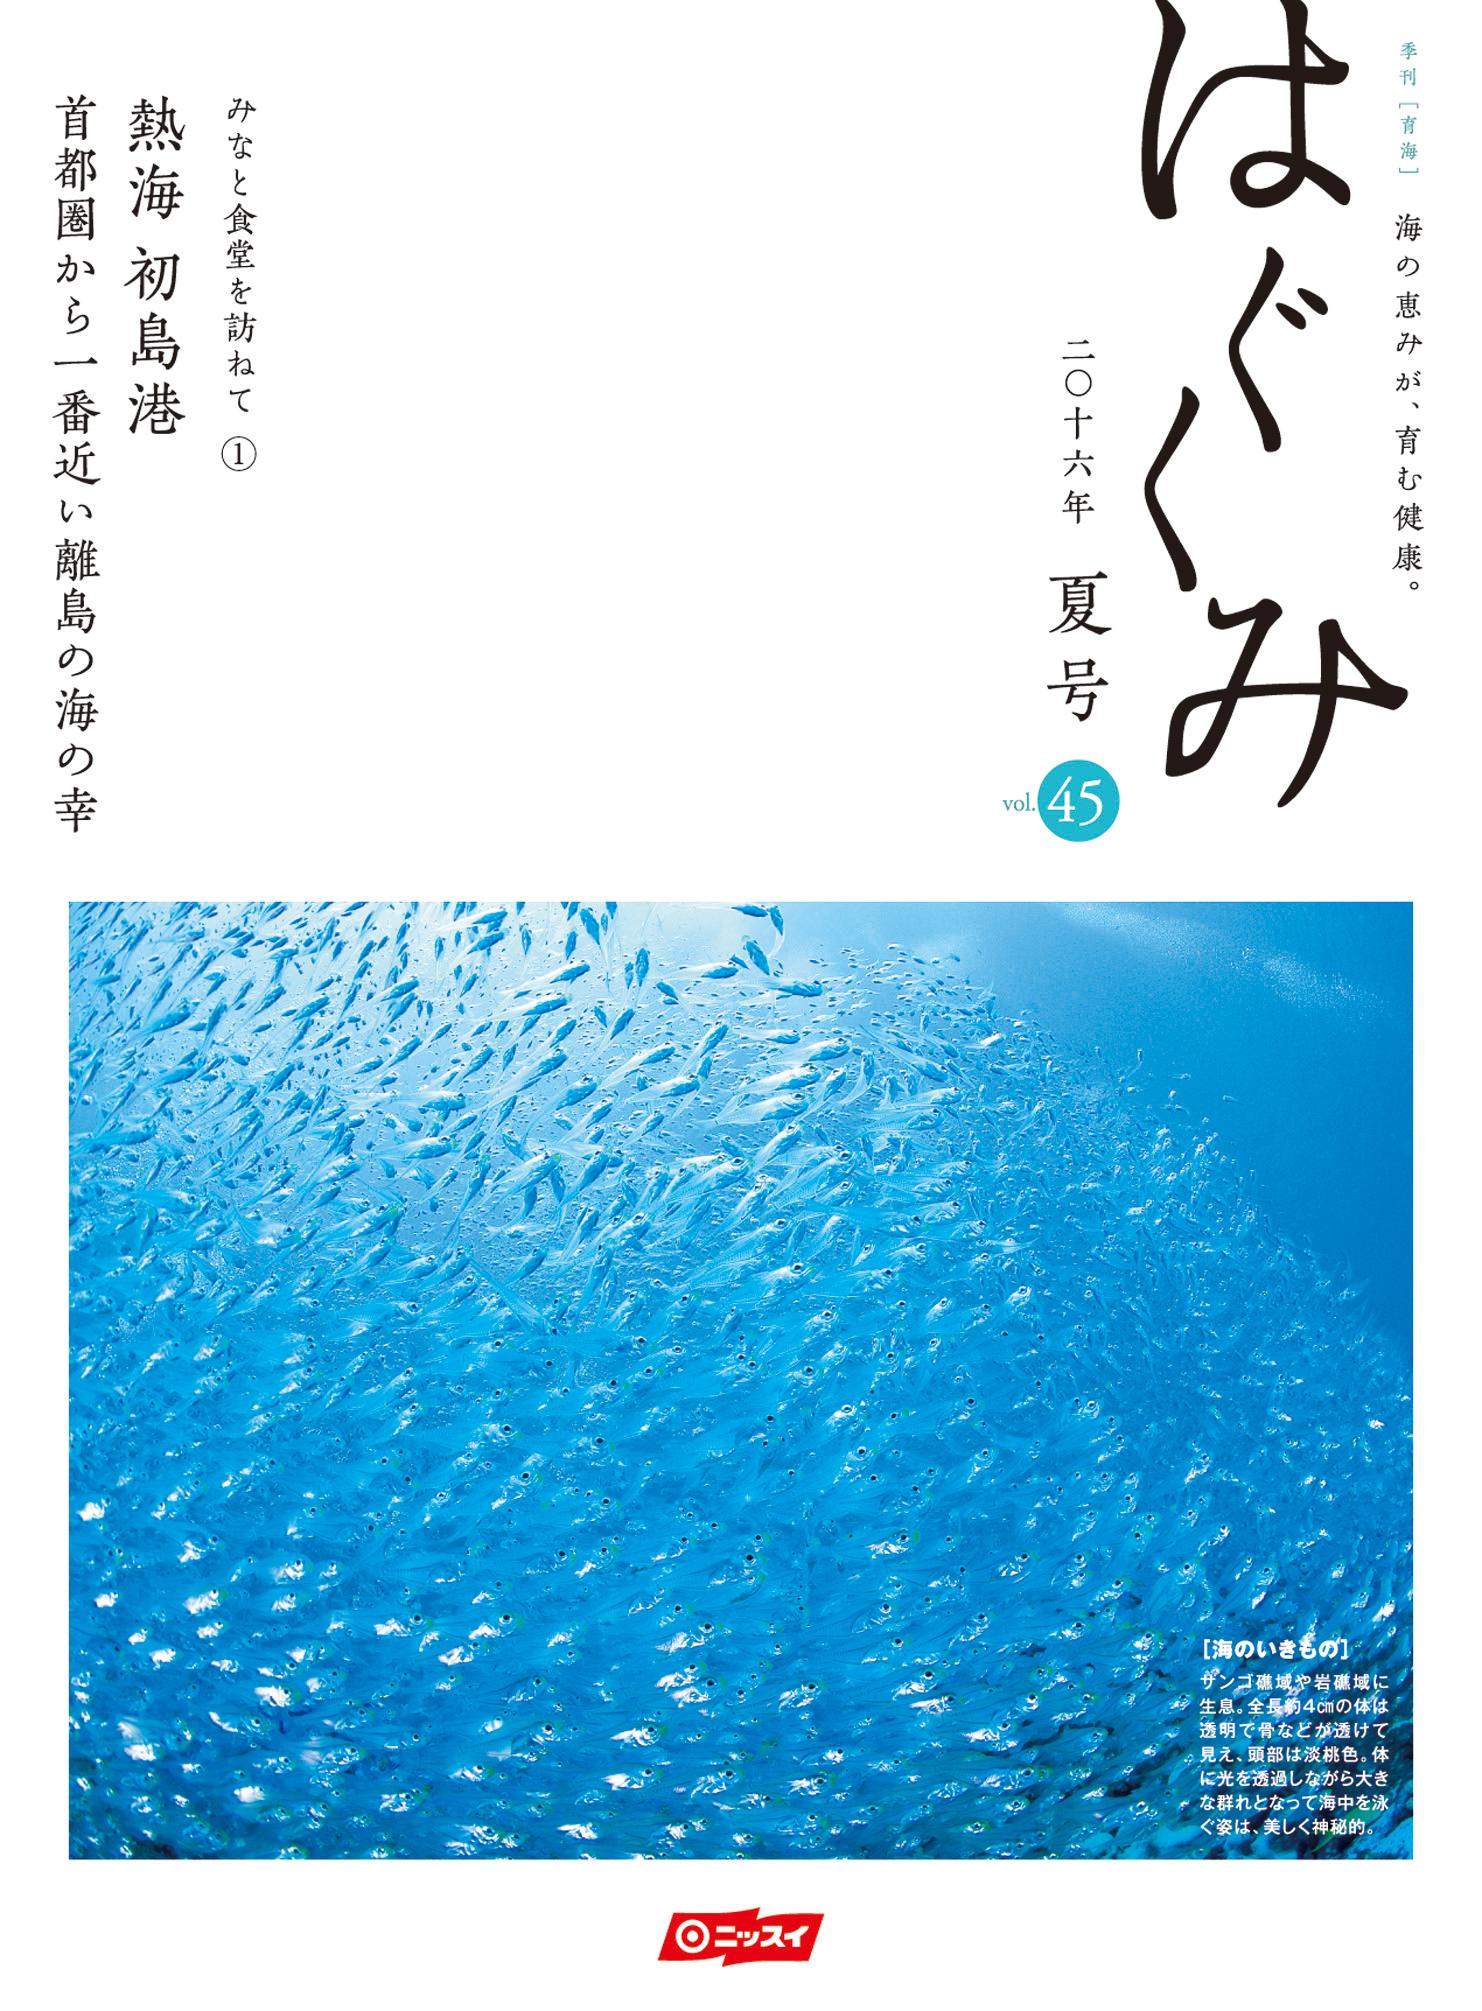 日本水産 広報誌「はぐくみ」